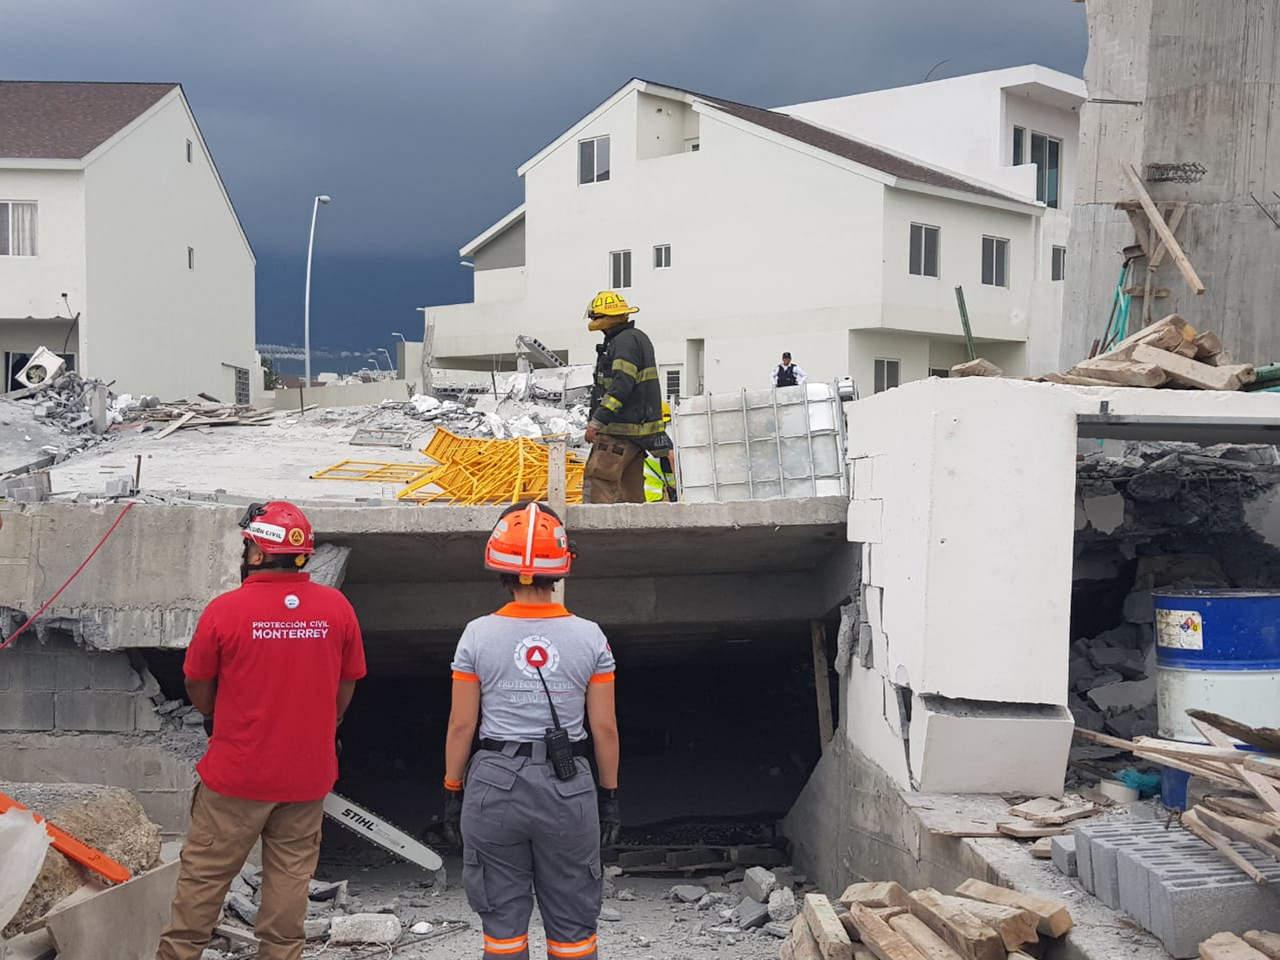 Se eleva a 7 el número de muertos por derrumbe en Monterrey